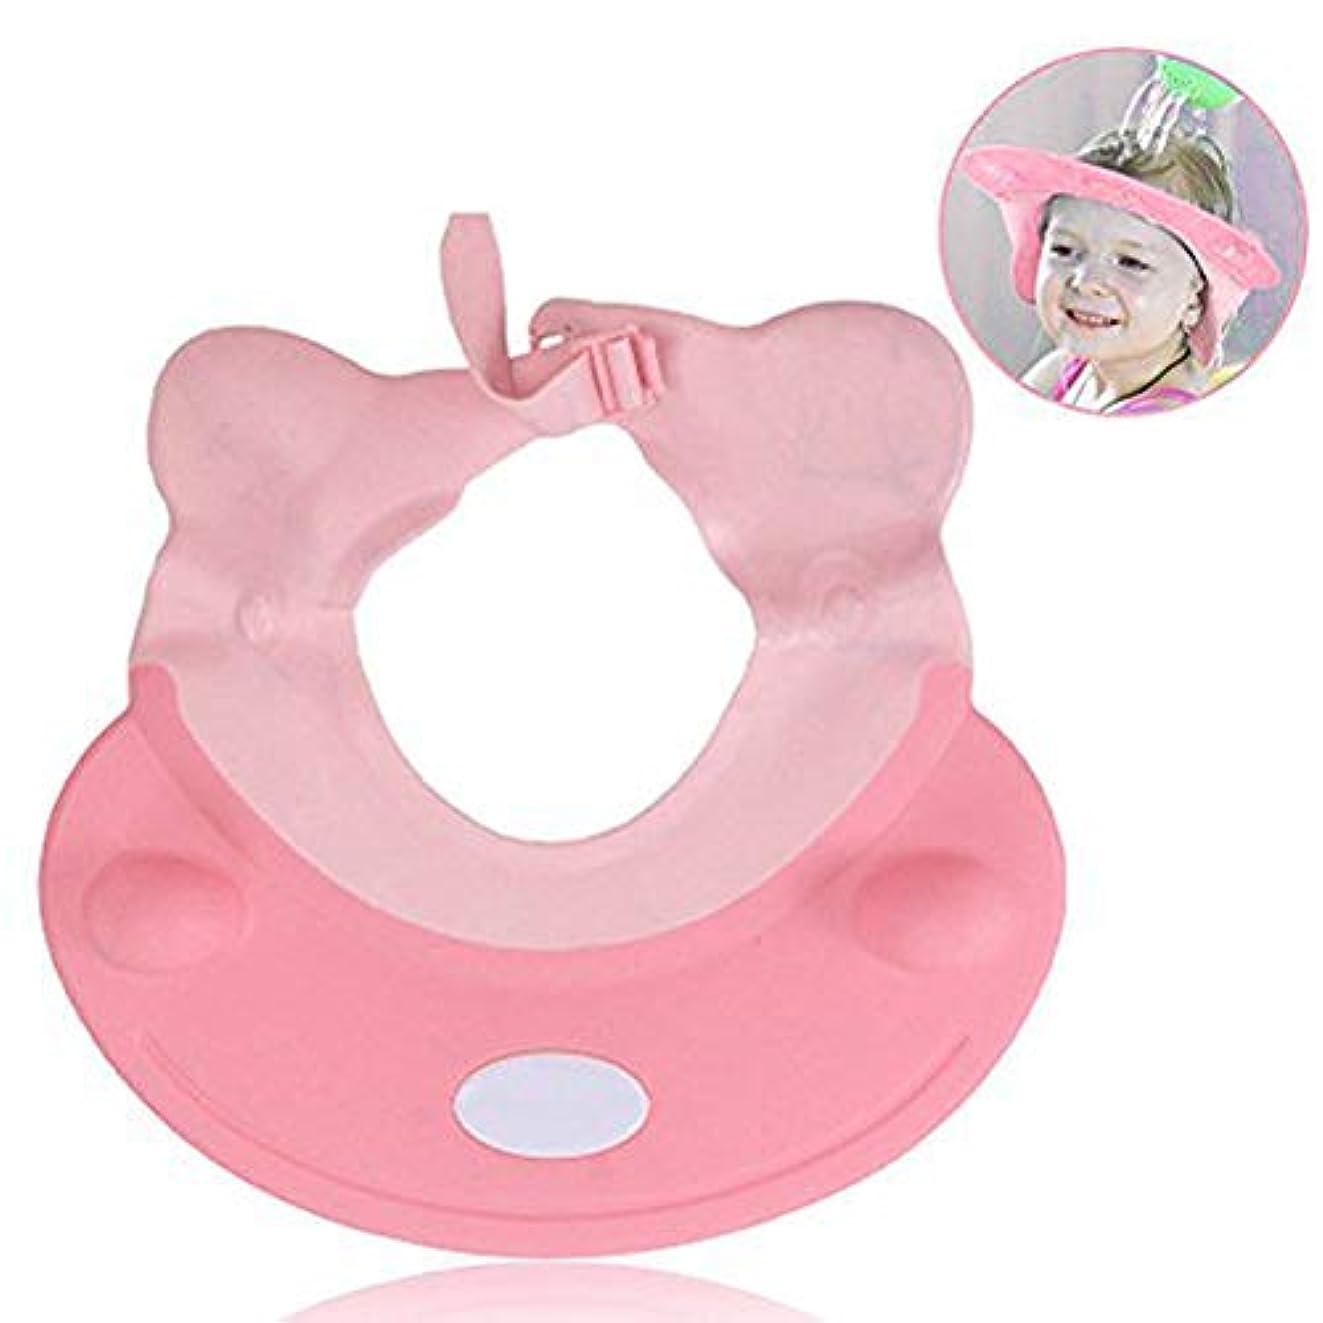 勘違いする無駄近所のシャンプーハット ベビー お風呂 洗髪用帽子 風呂用品 防水帽 シャワーキャップ 調整可能 子供 大人用 可愛い ピンク